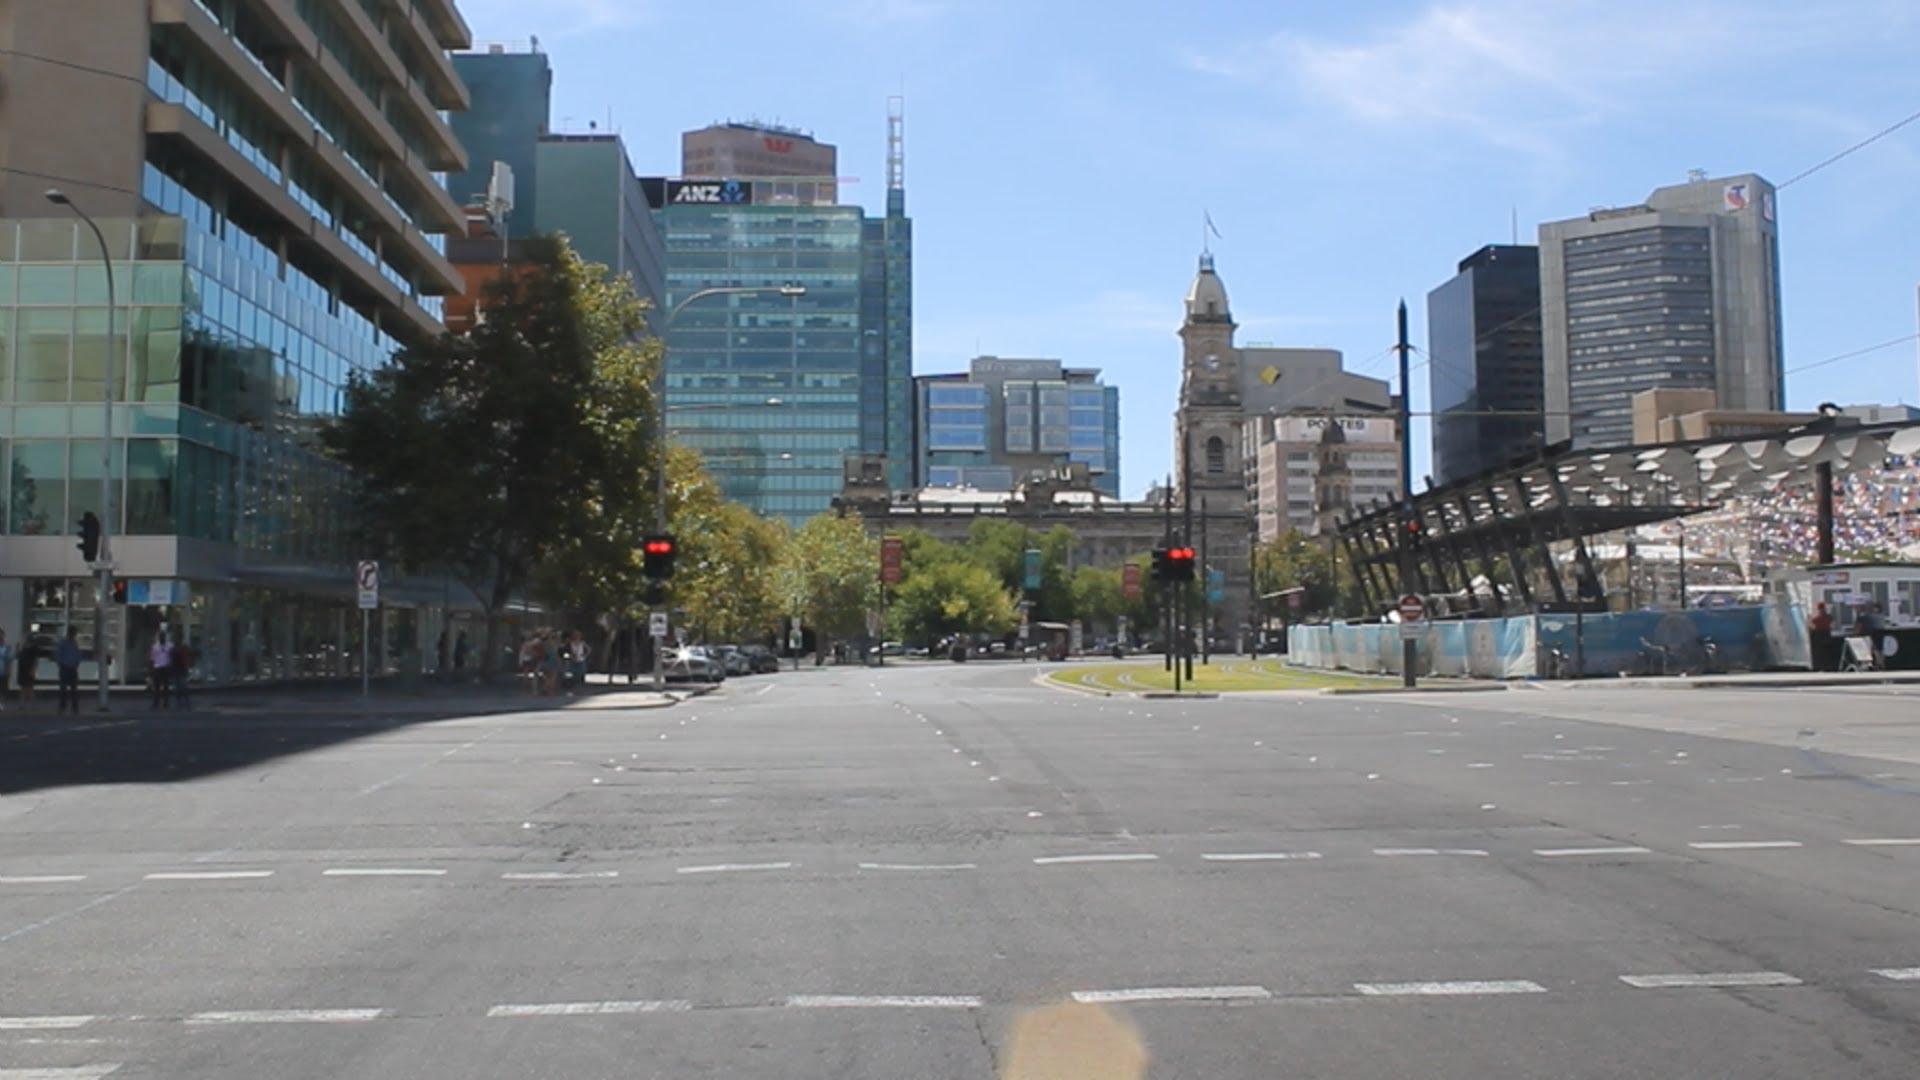 Adelaide Street Tour - South Australia - YouTube